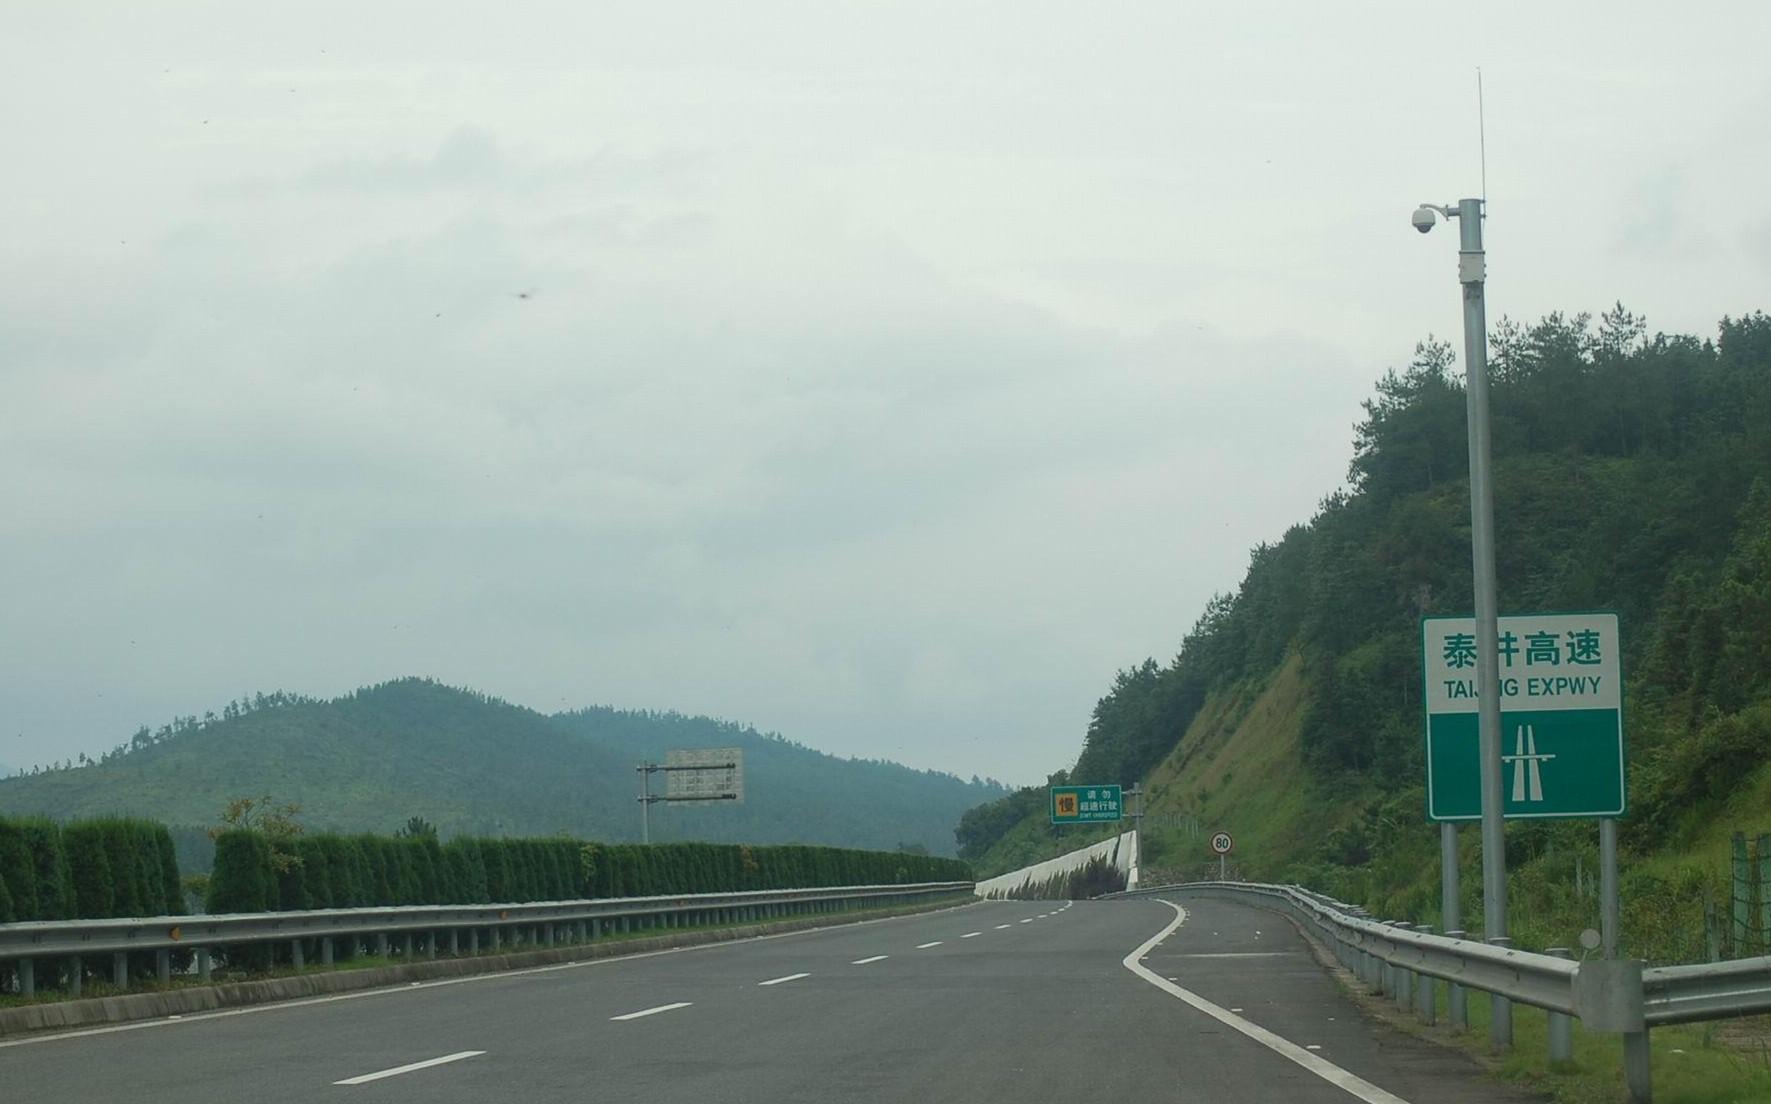 江西省泰和至井冈山高速公路A5合同段